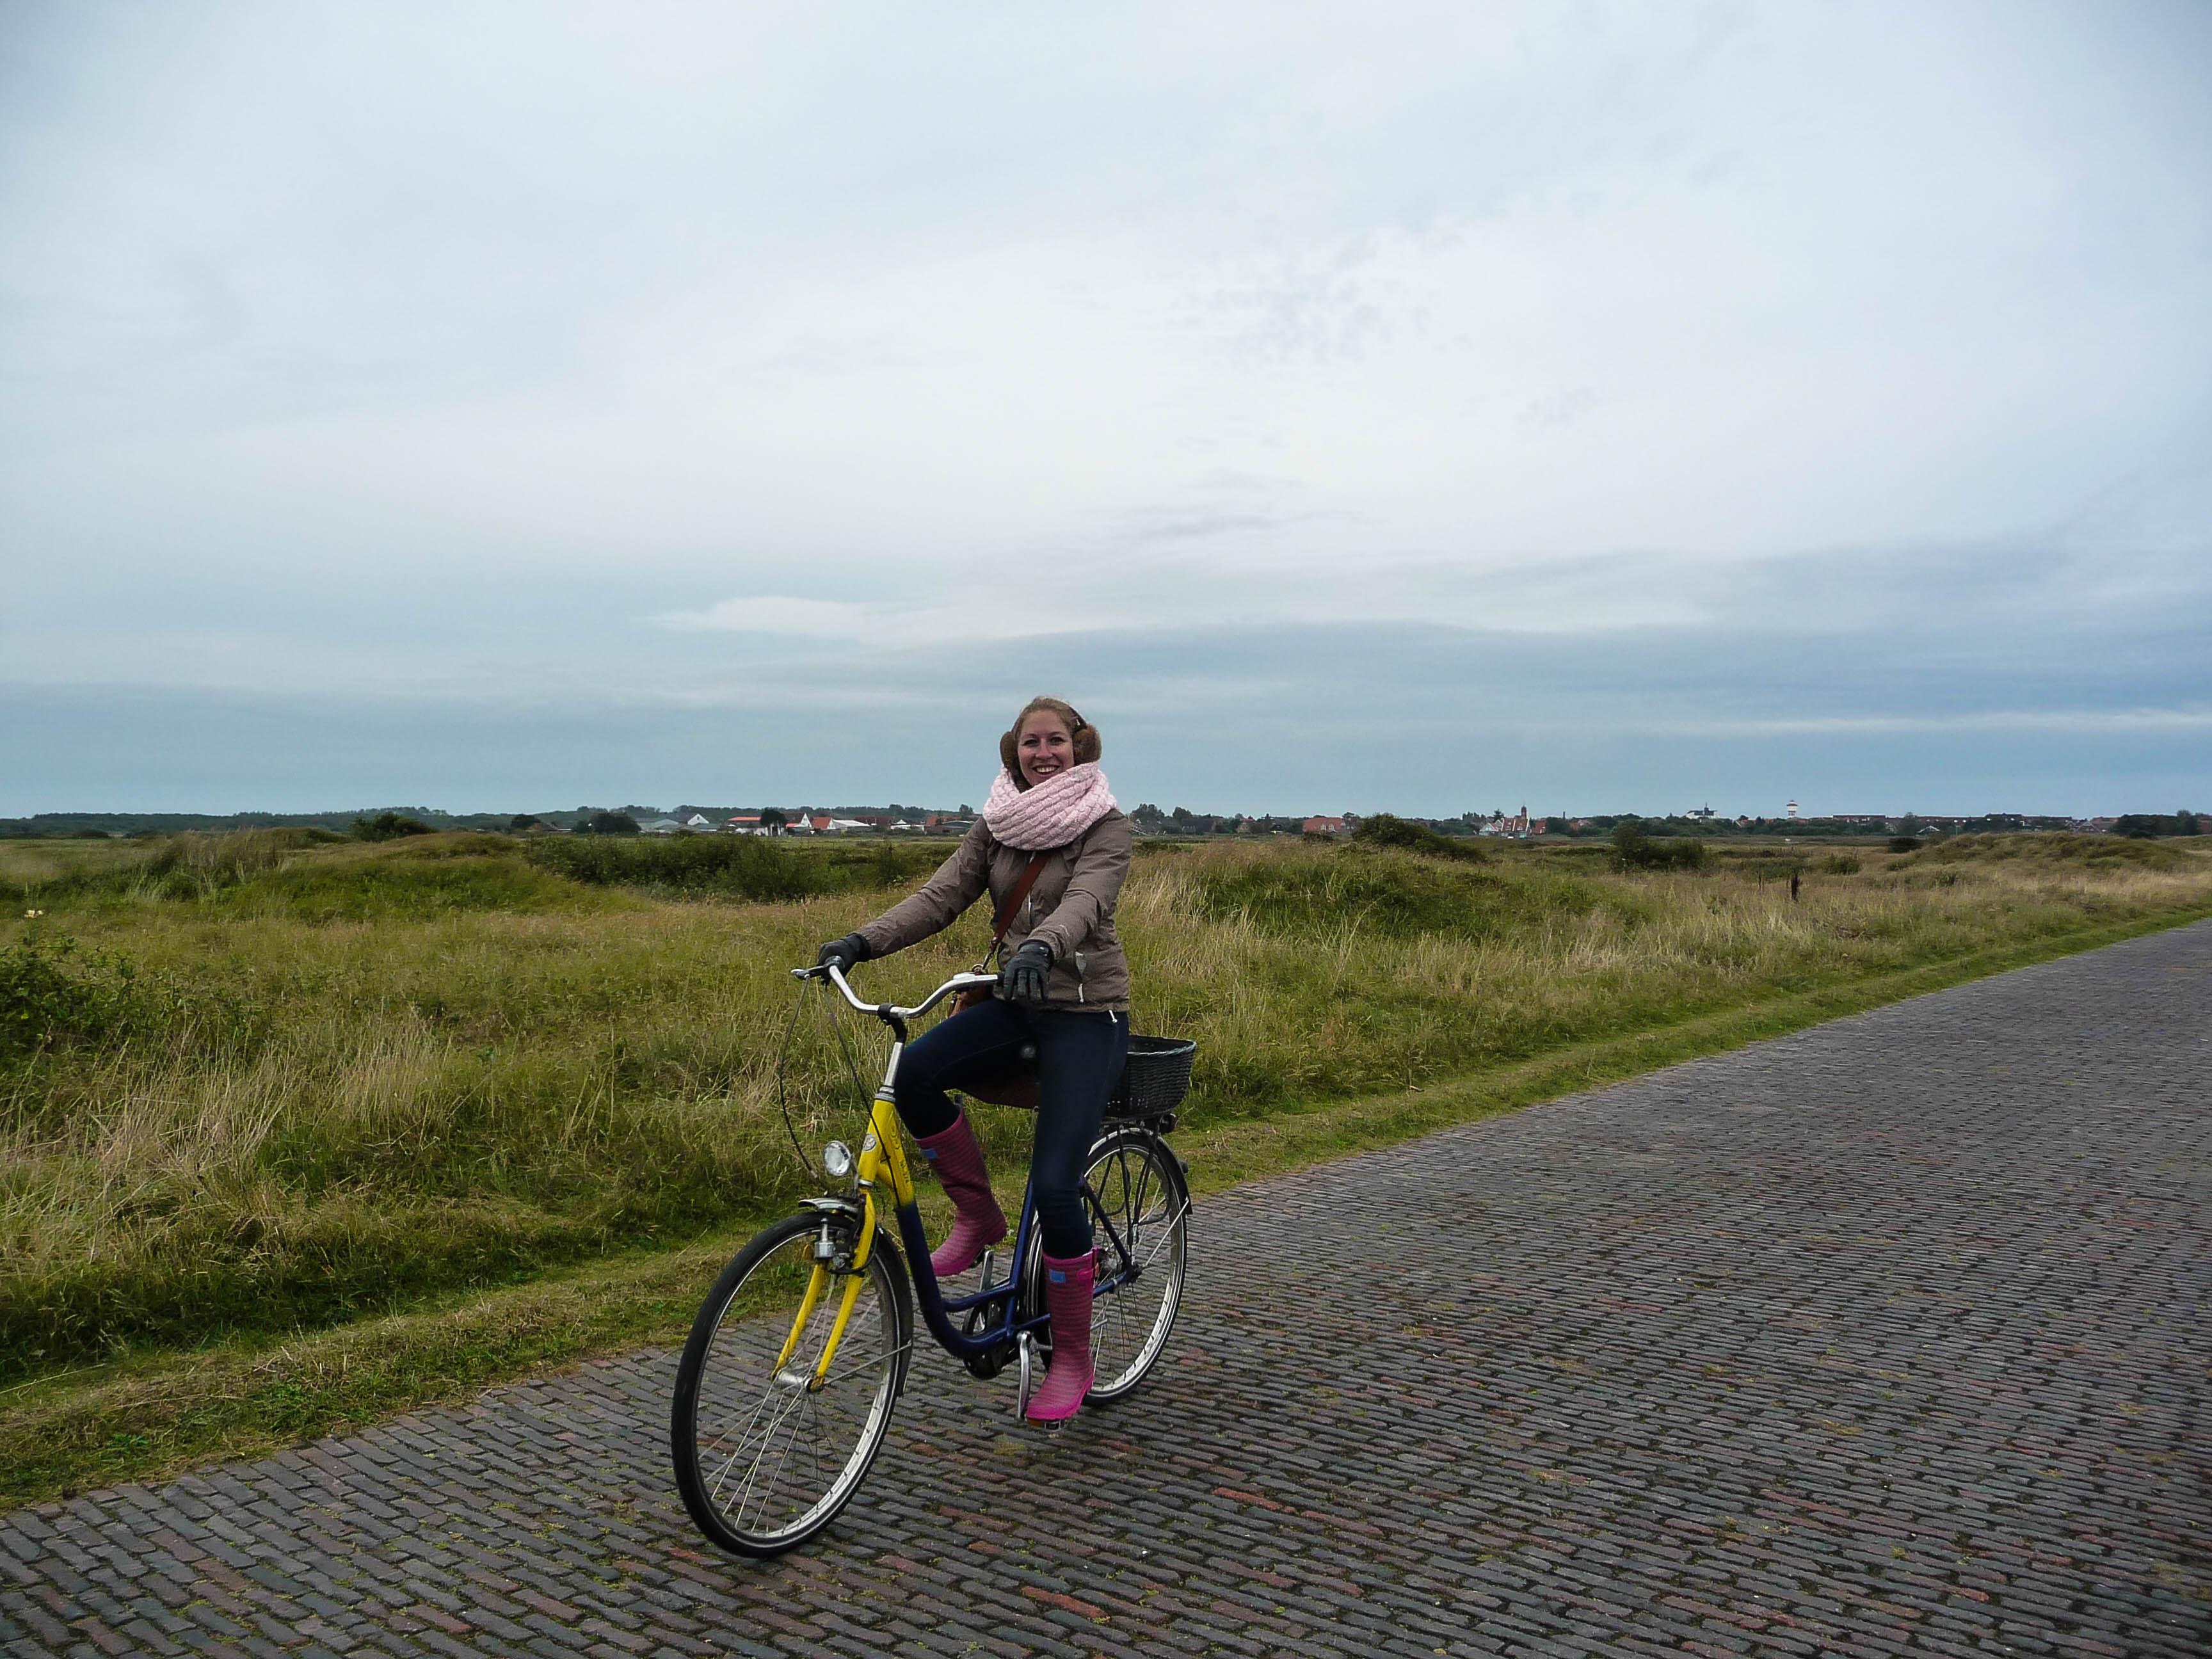 Radtour auf Langeoog